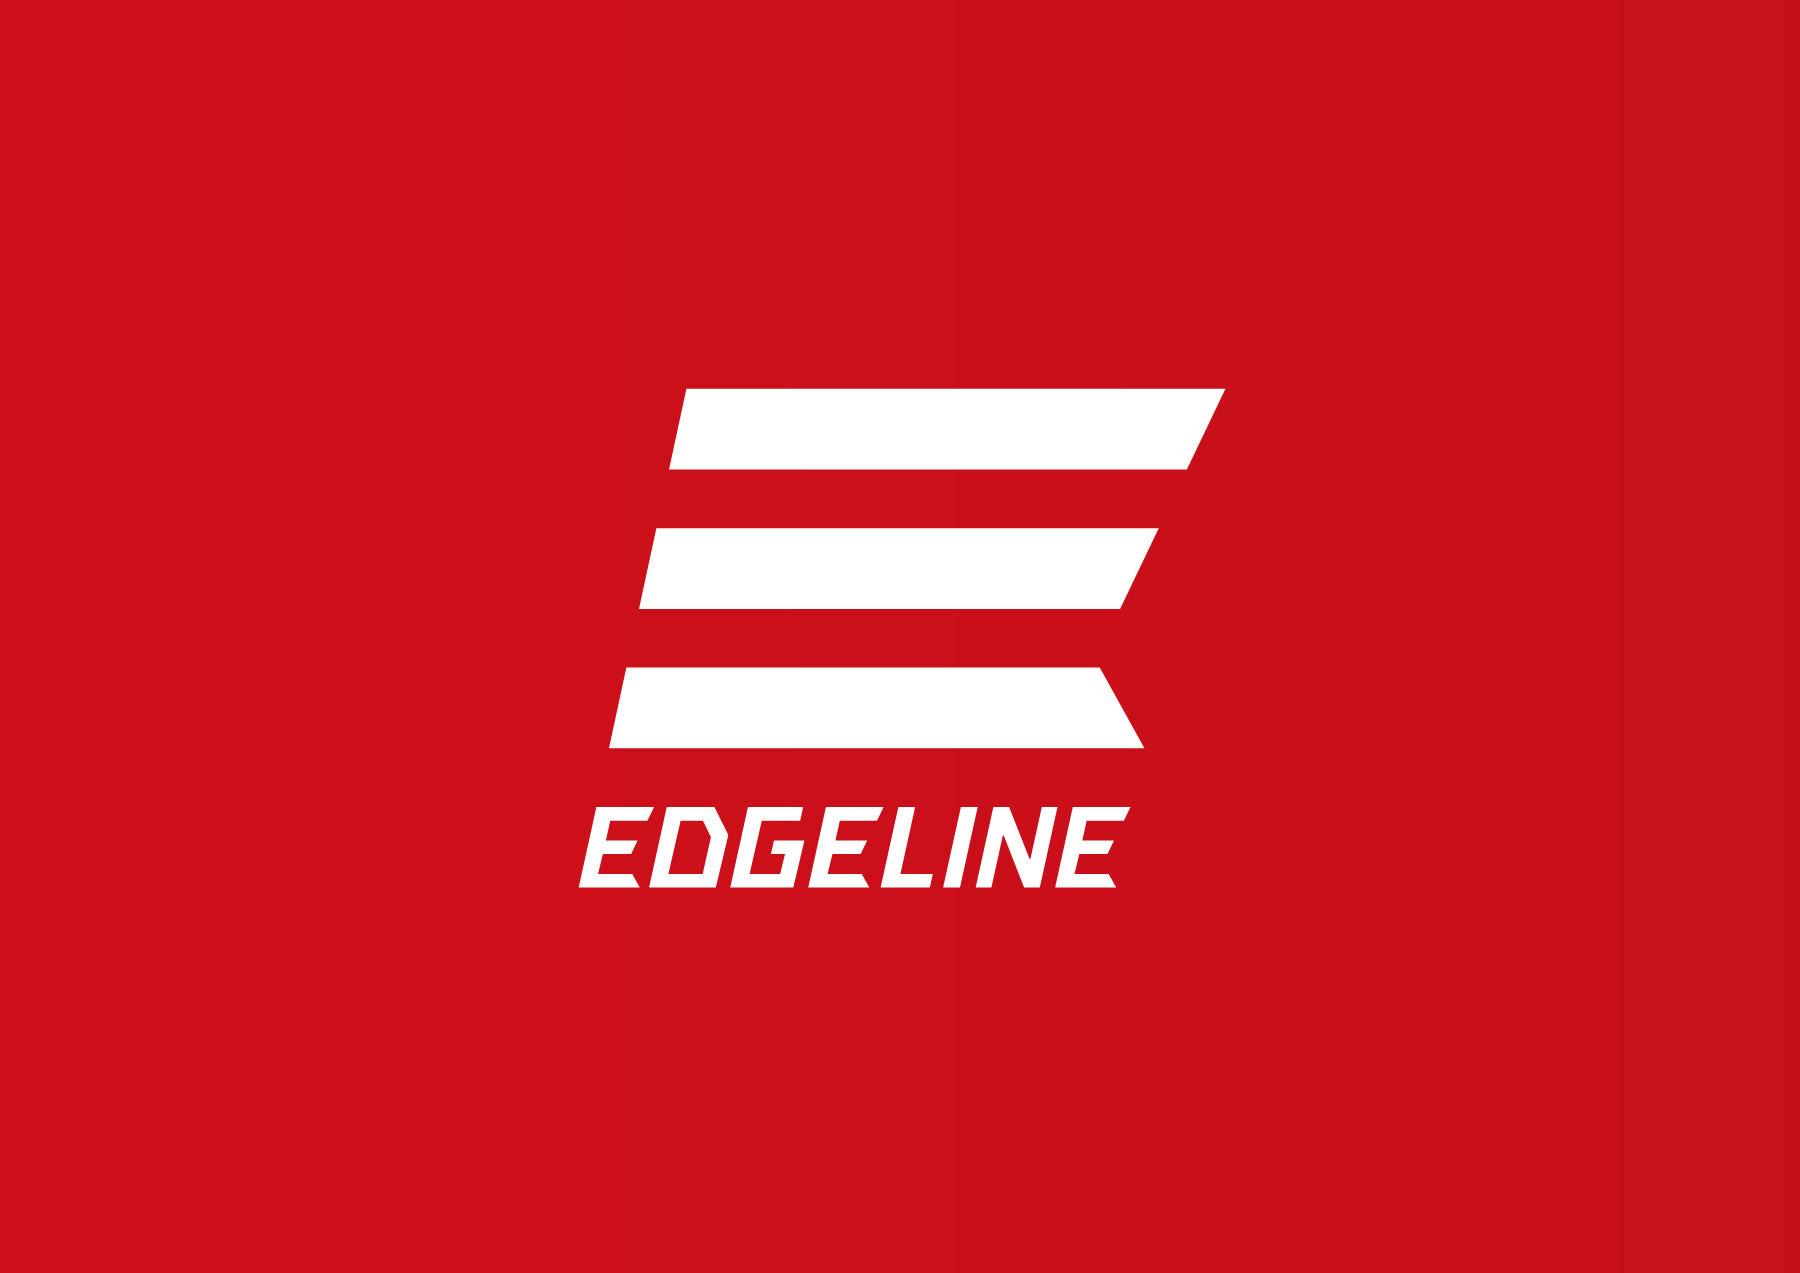 edgeline3